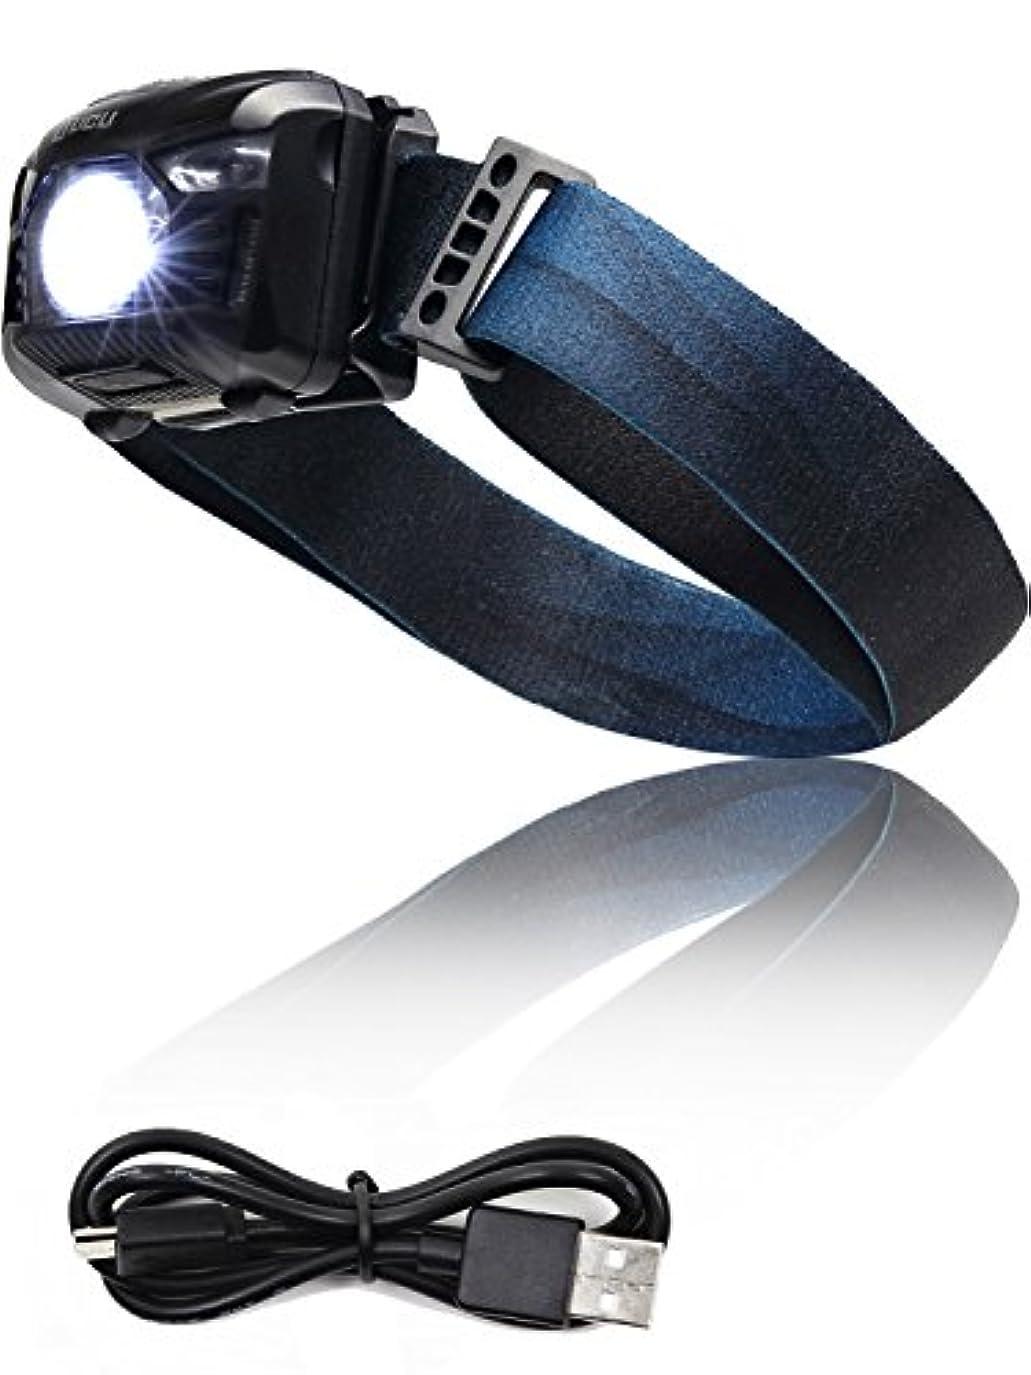 日曜日不機嫌協力的LICLI ヘッドライト 充電式 防水 LED センサー 機能 登山 釣り ランニング ヘッドランプ 明るさ100ルーメン 「 角度調整可 軽量 コンパクト 日本語説明書付き 」「 5つの点灯モード 赤色 ライト ストロボ 」 2色